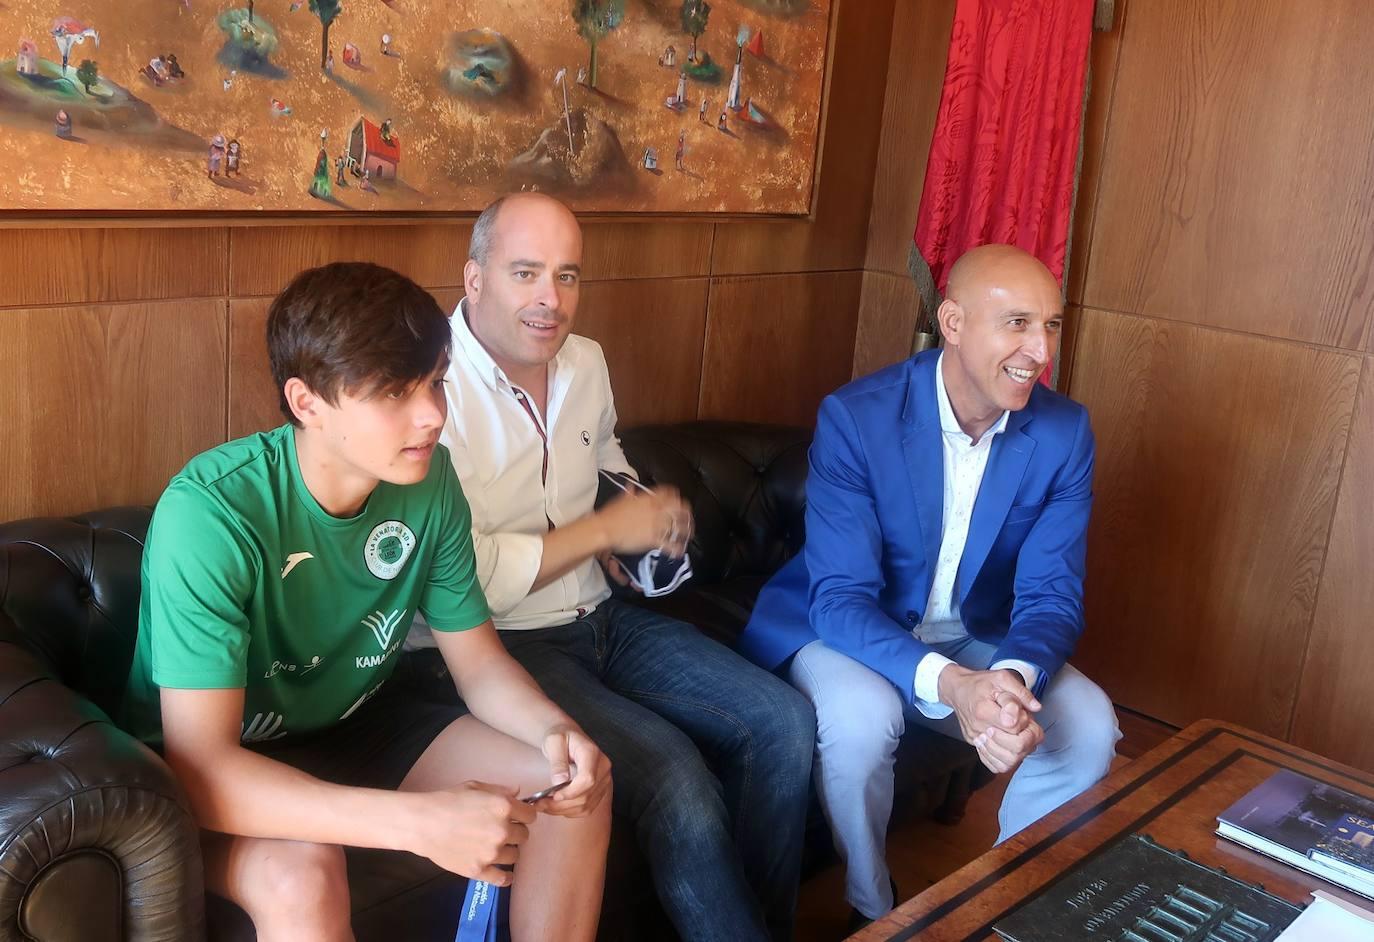 El alcalde de León recibe a dos medallistas del equipo de natación de la Venatoria